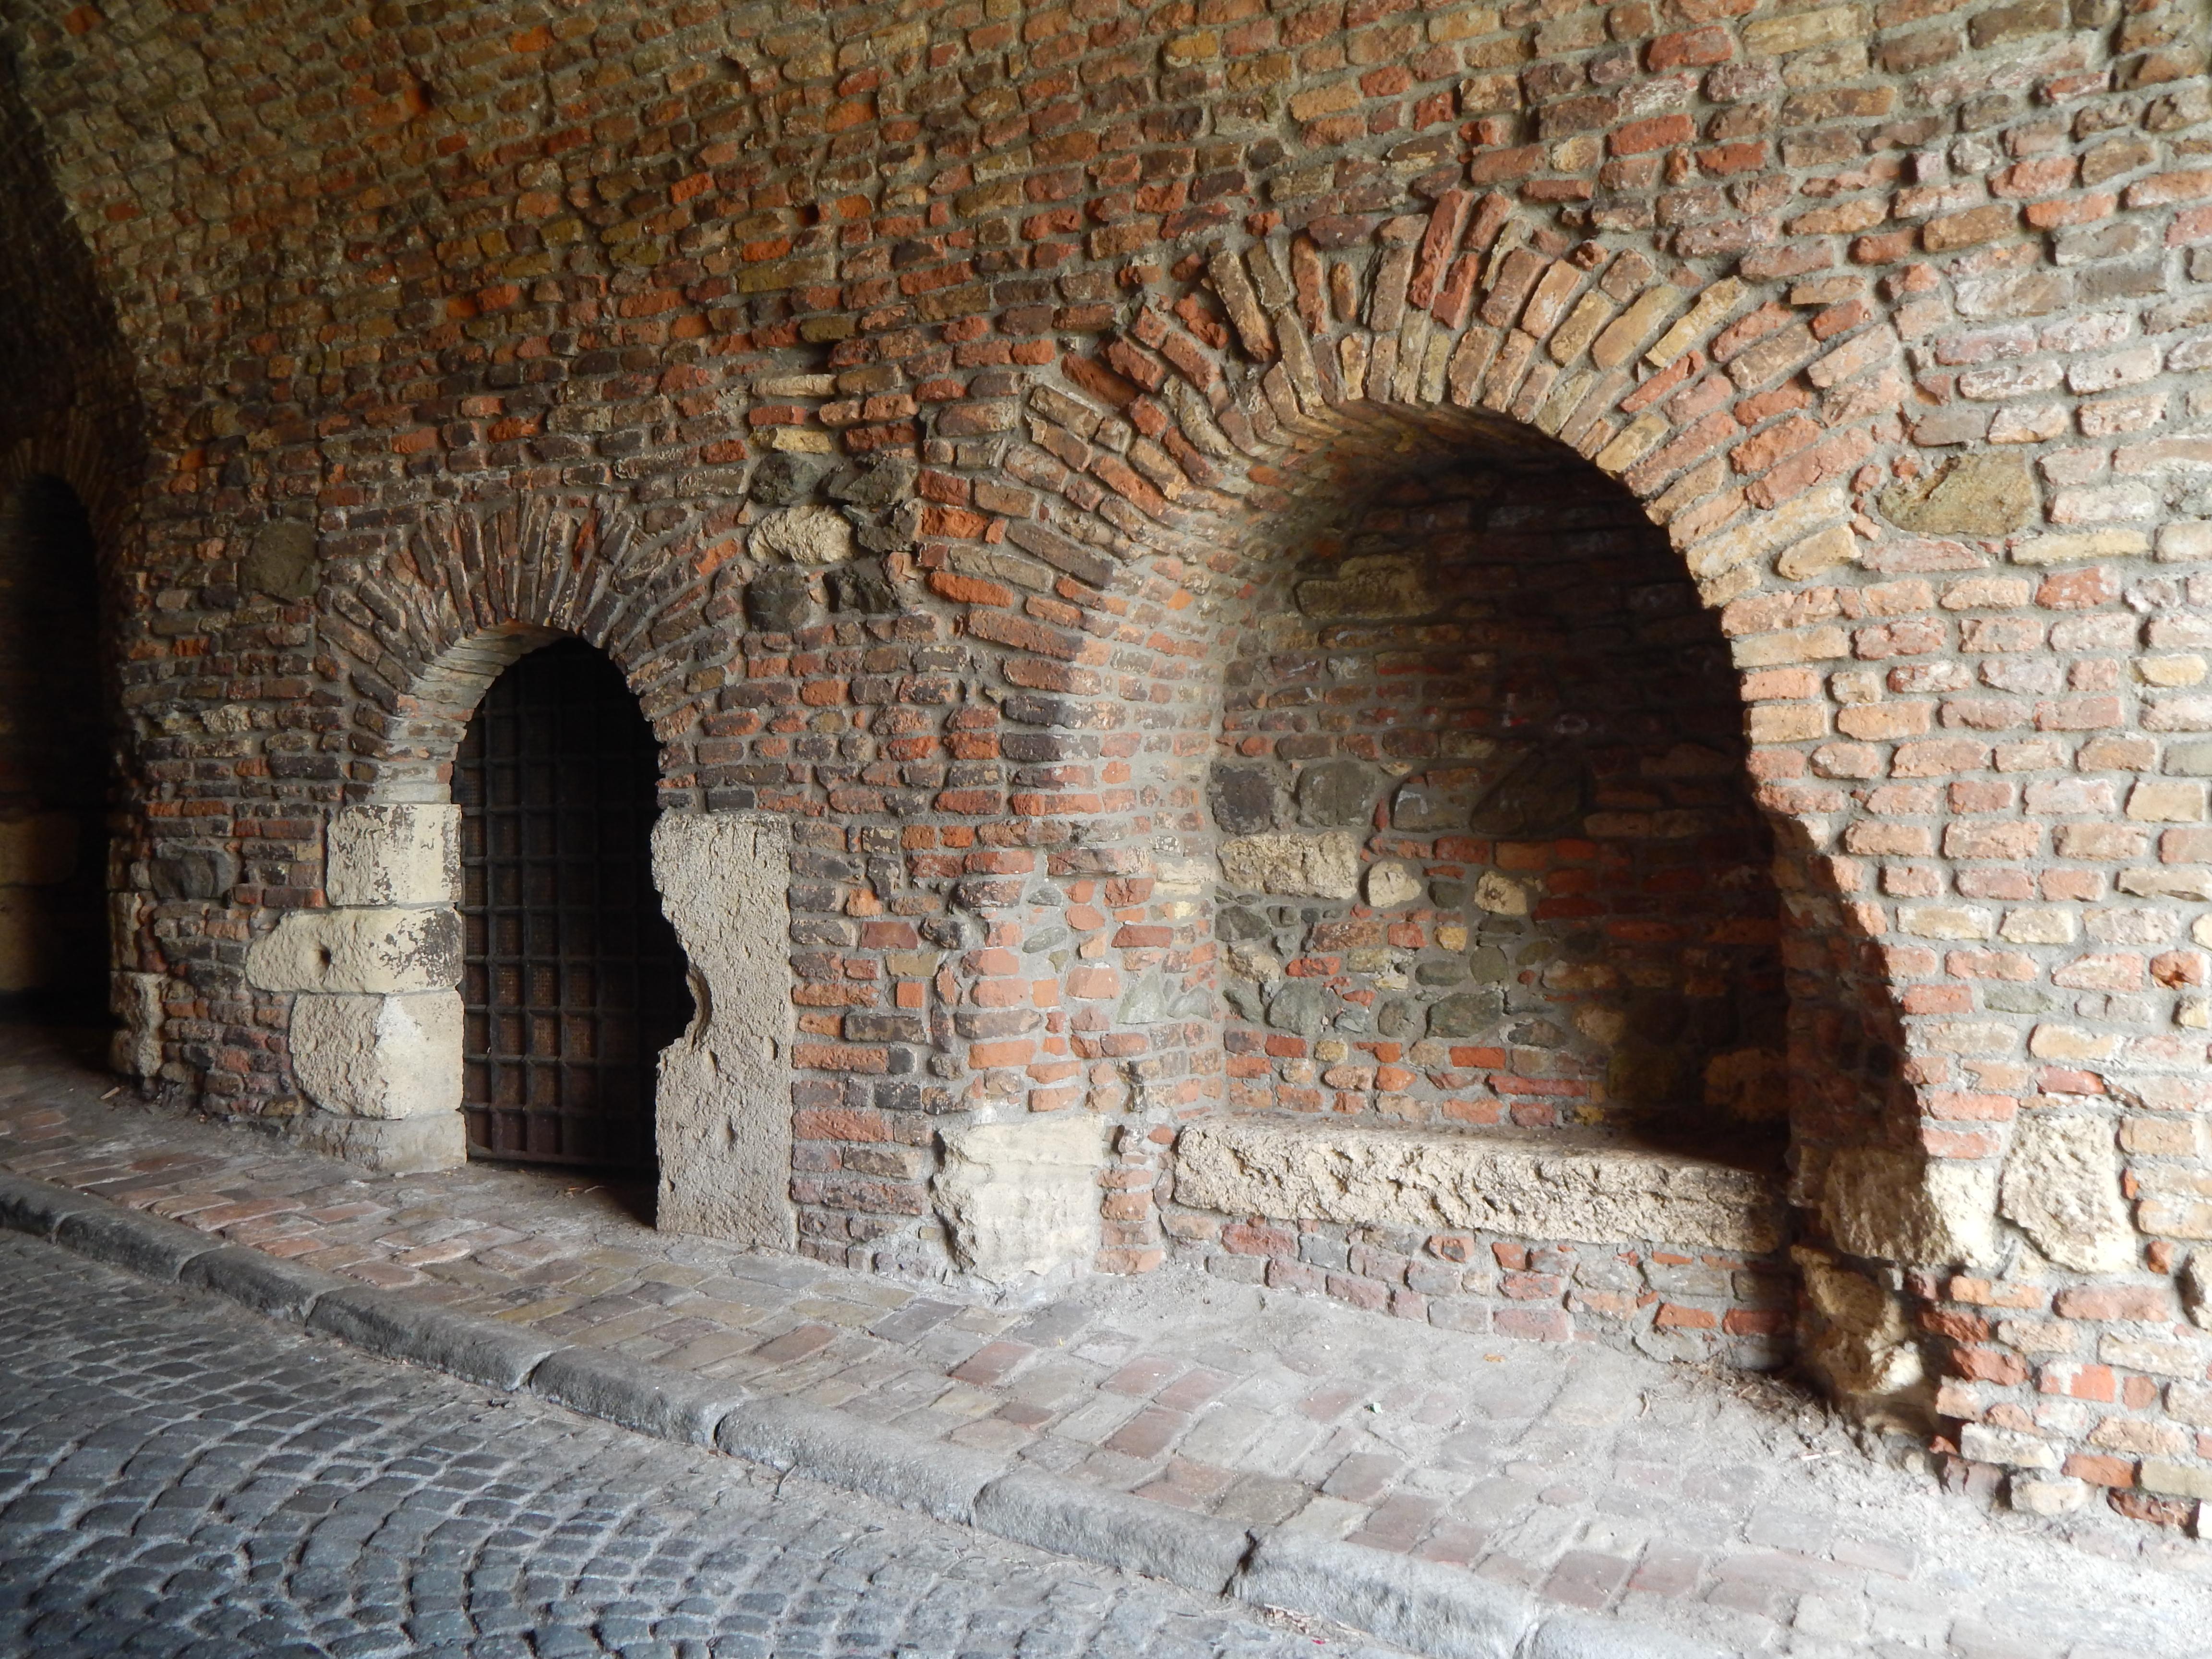 Zachovalé hradby a podzemné chodby Petrovaradinskej tvrdjavi sú zaujímavým miestom pre turistov.